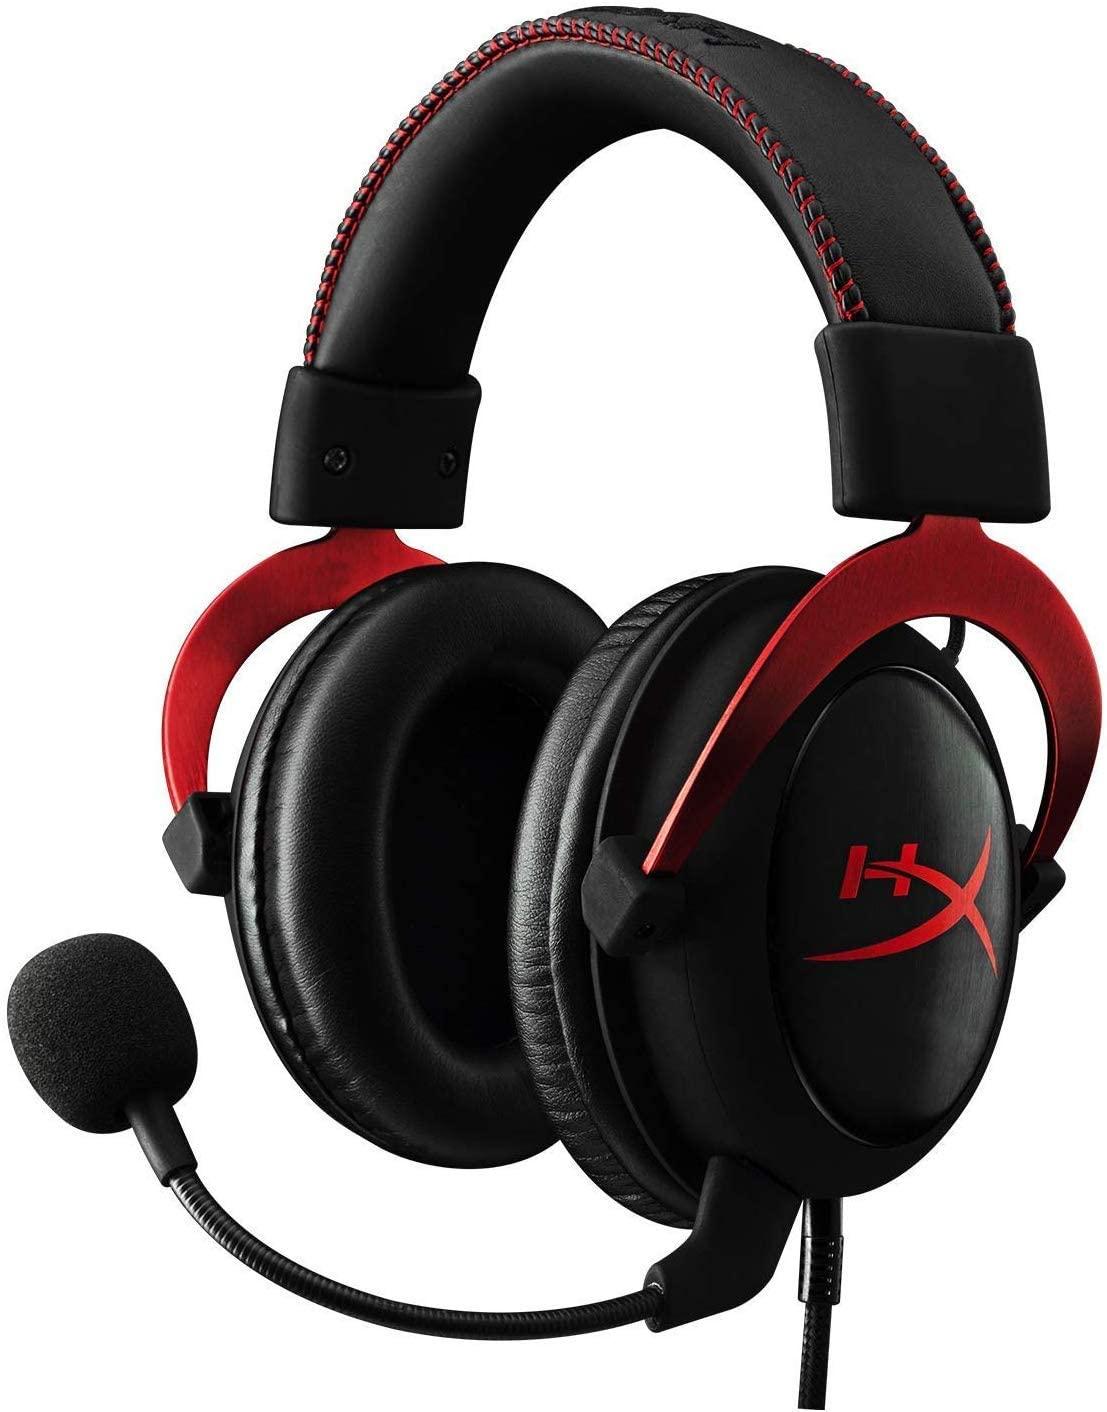 HyperX KHX-HSCP-RD Cloud II - Cascos de Gaming para PC/PS4/Mac, Negro/Rojo